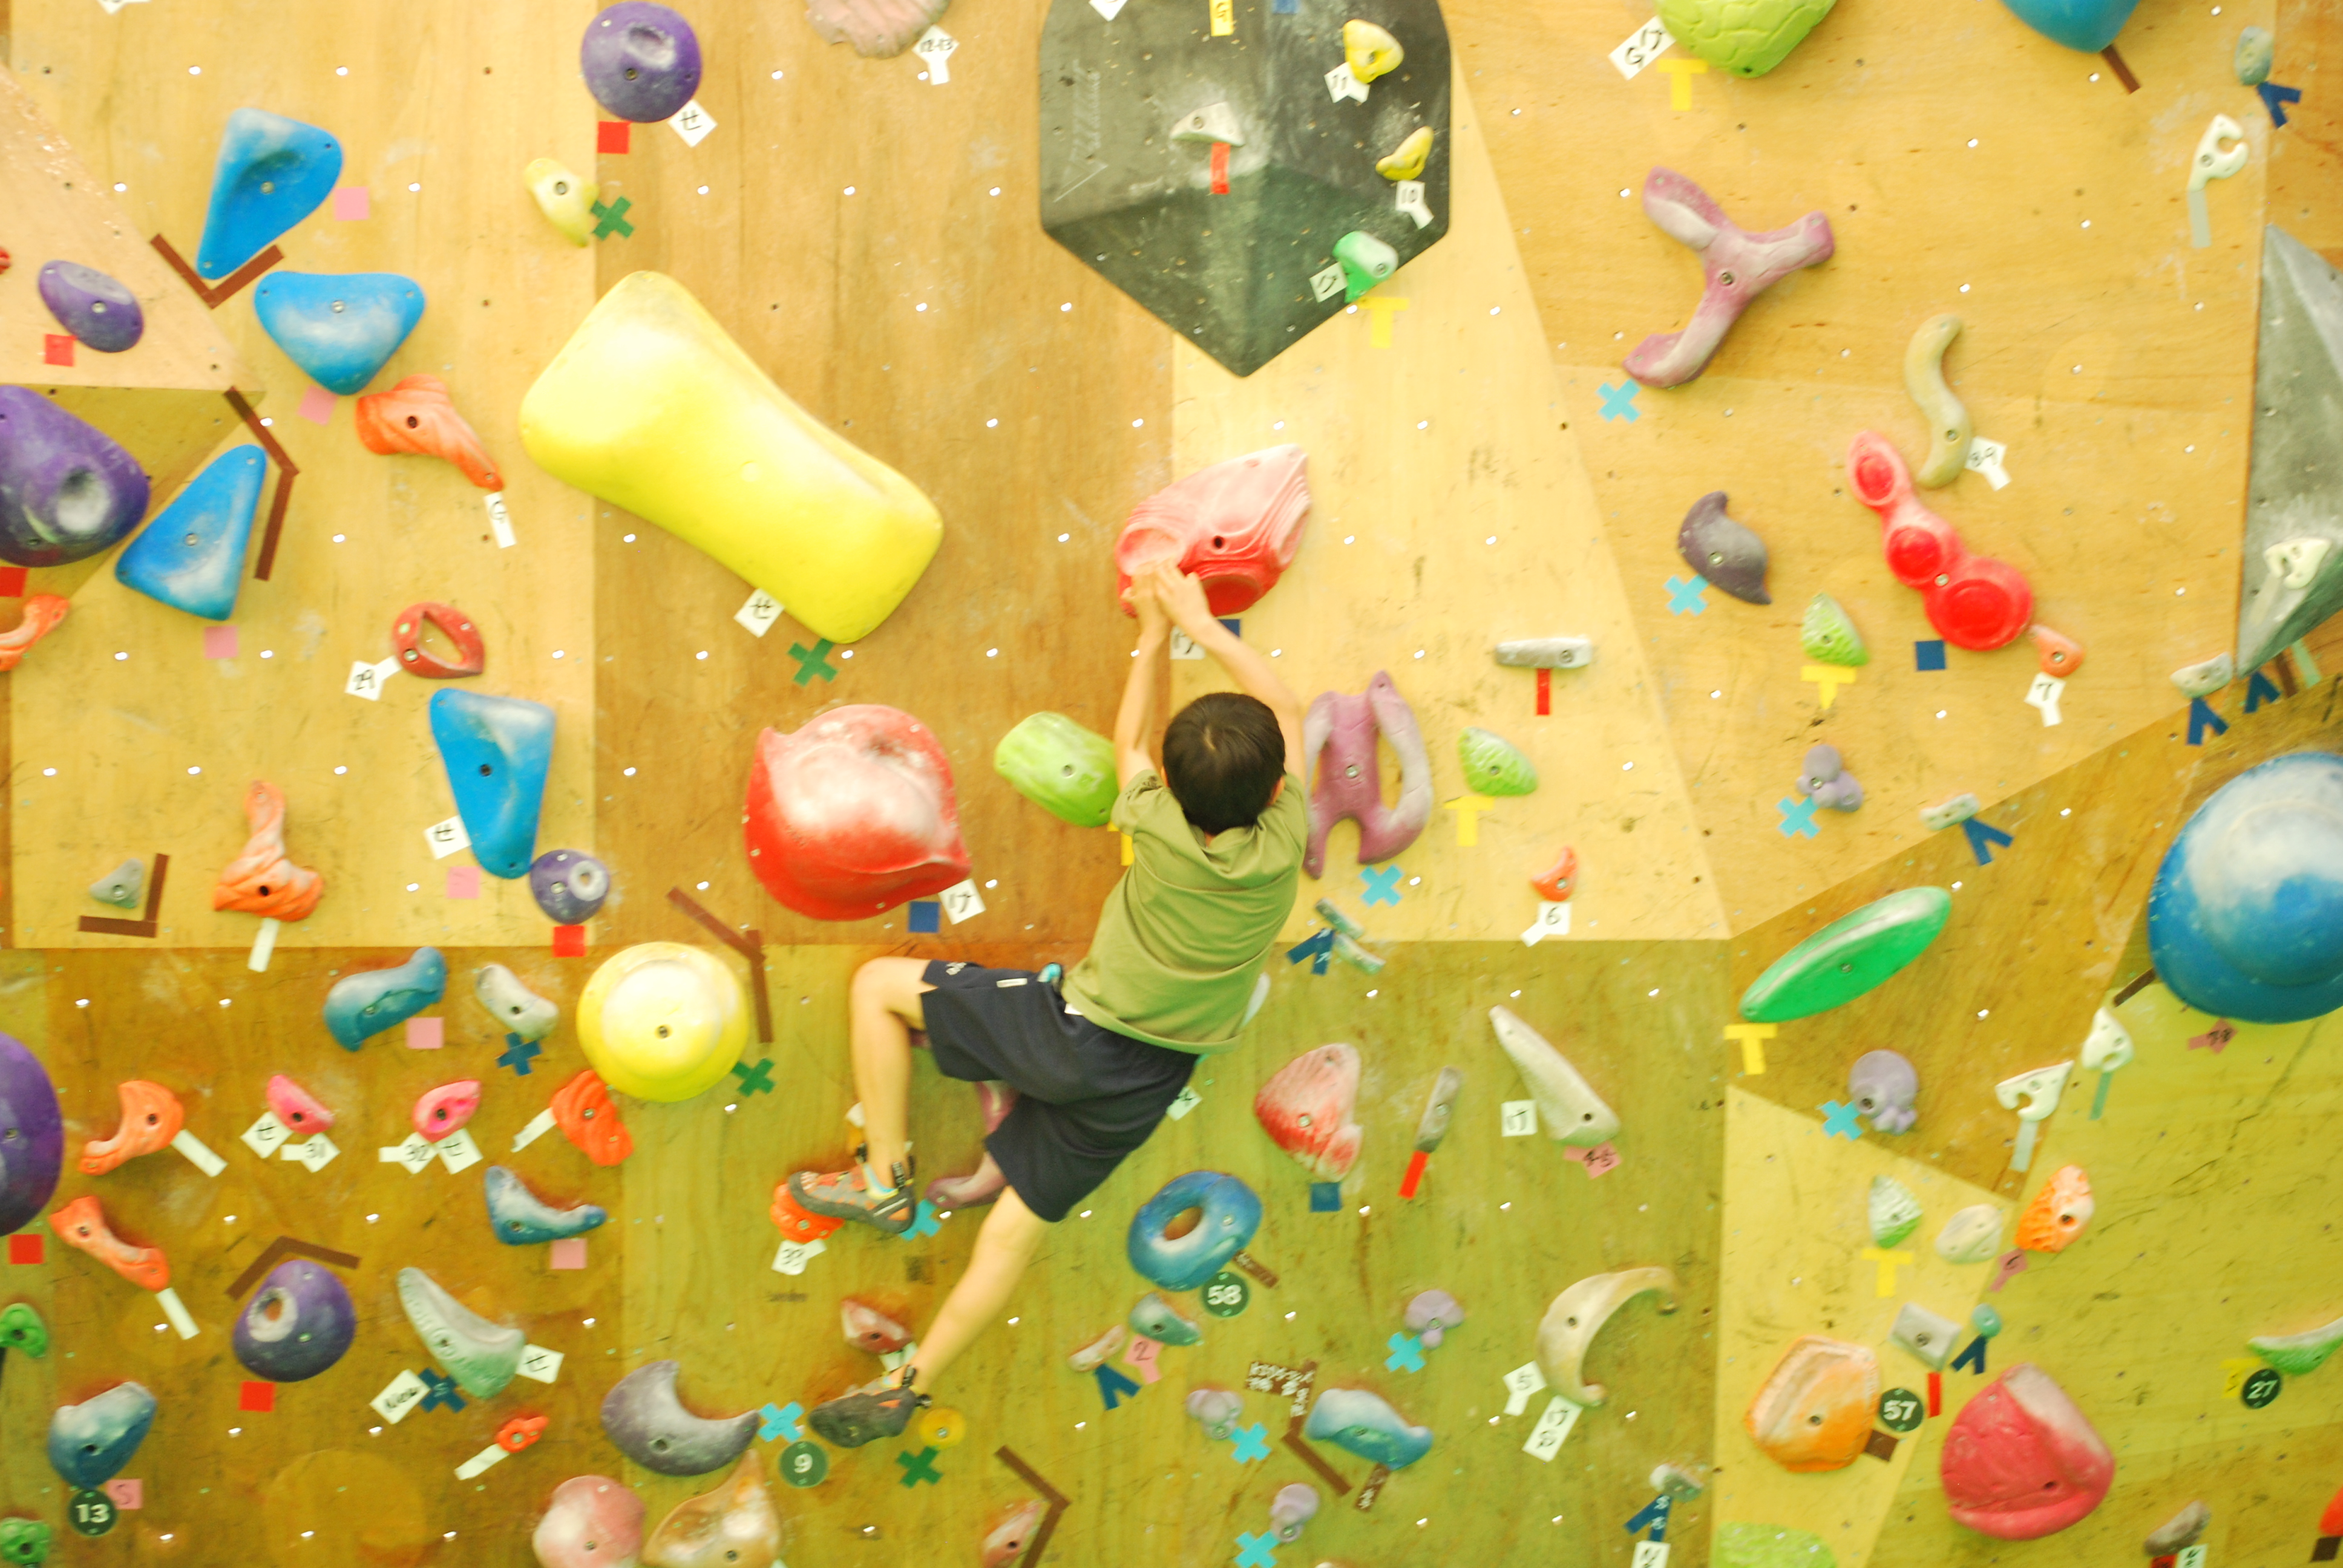 大人の運動だけでなく子どもの習い事に!大垣のボルダリングパーク「ひょうたん島」 - DSC 1114